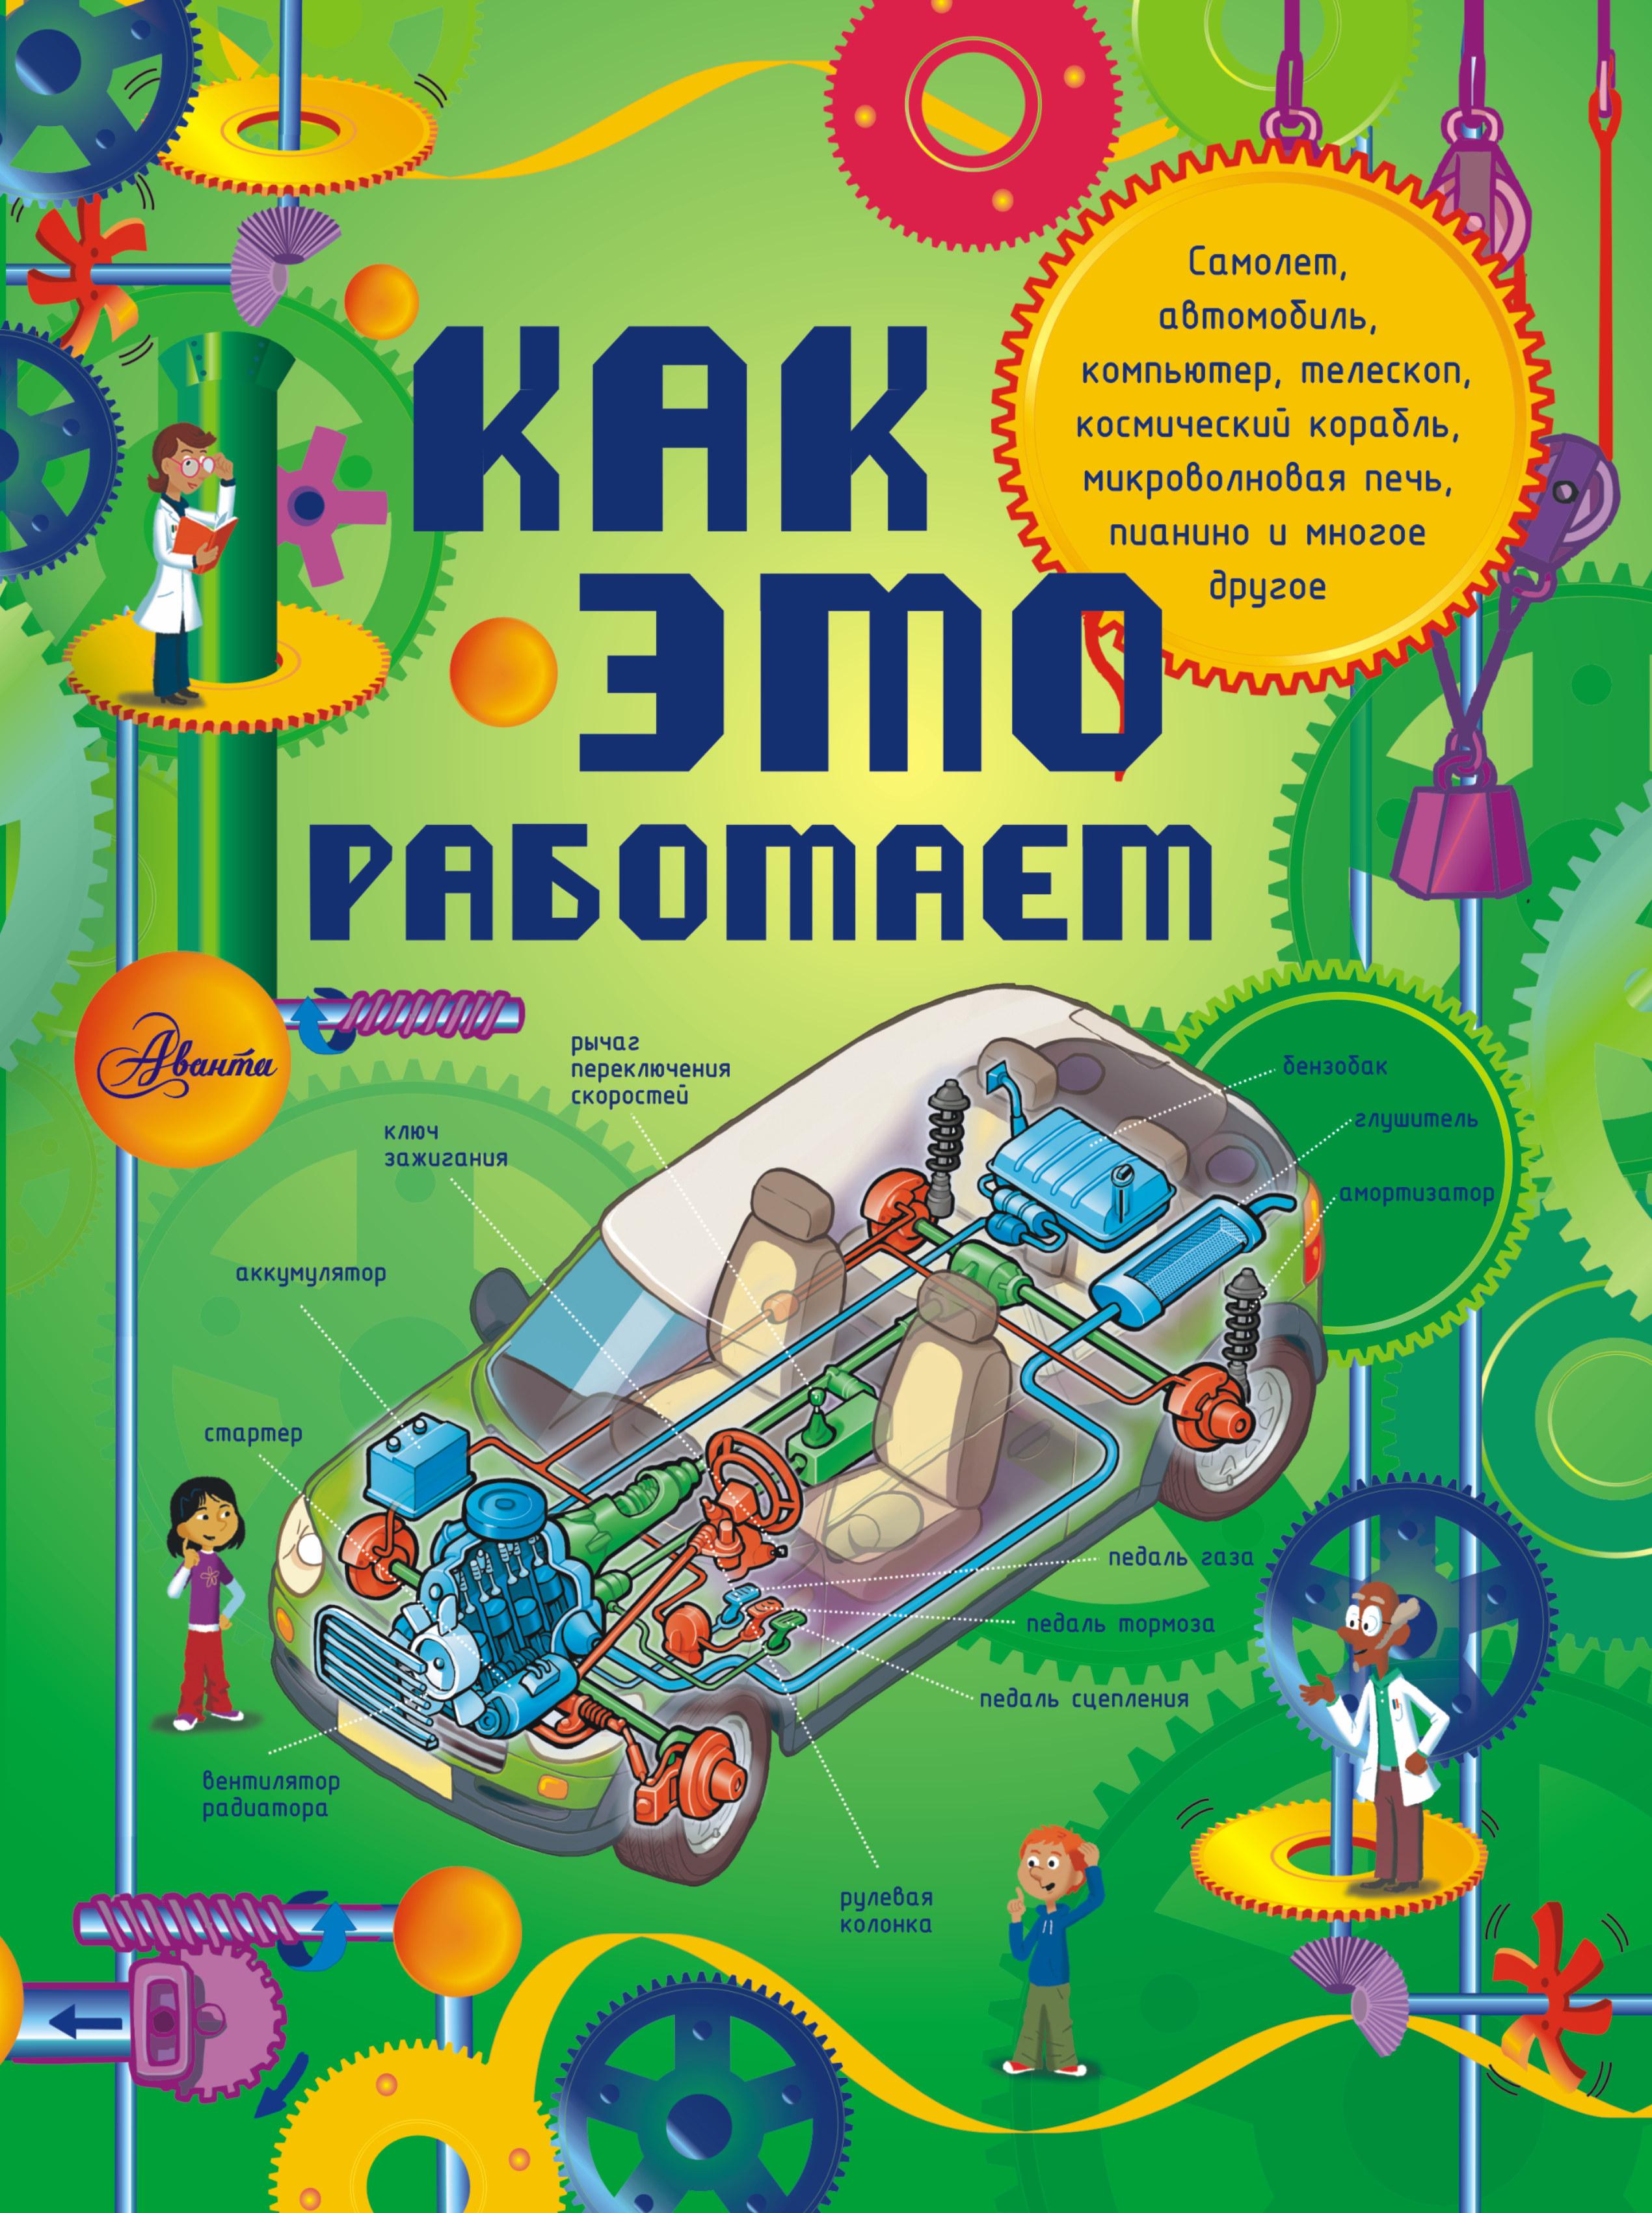 Степанова Л.В. Как это работает. Исследуем 250 объектов и устройств